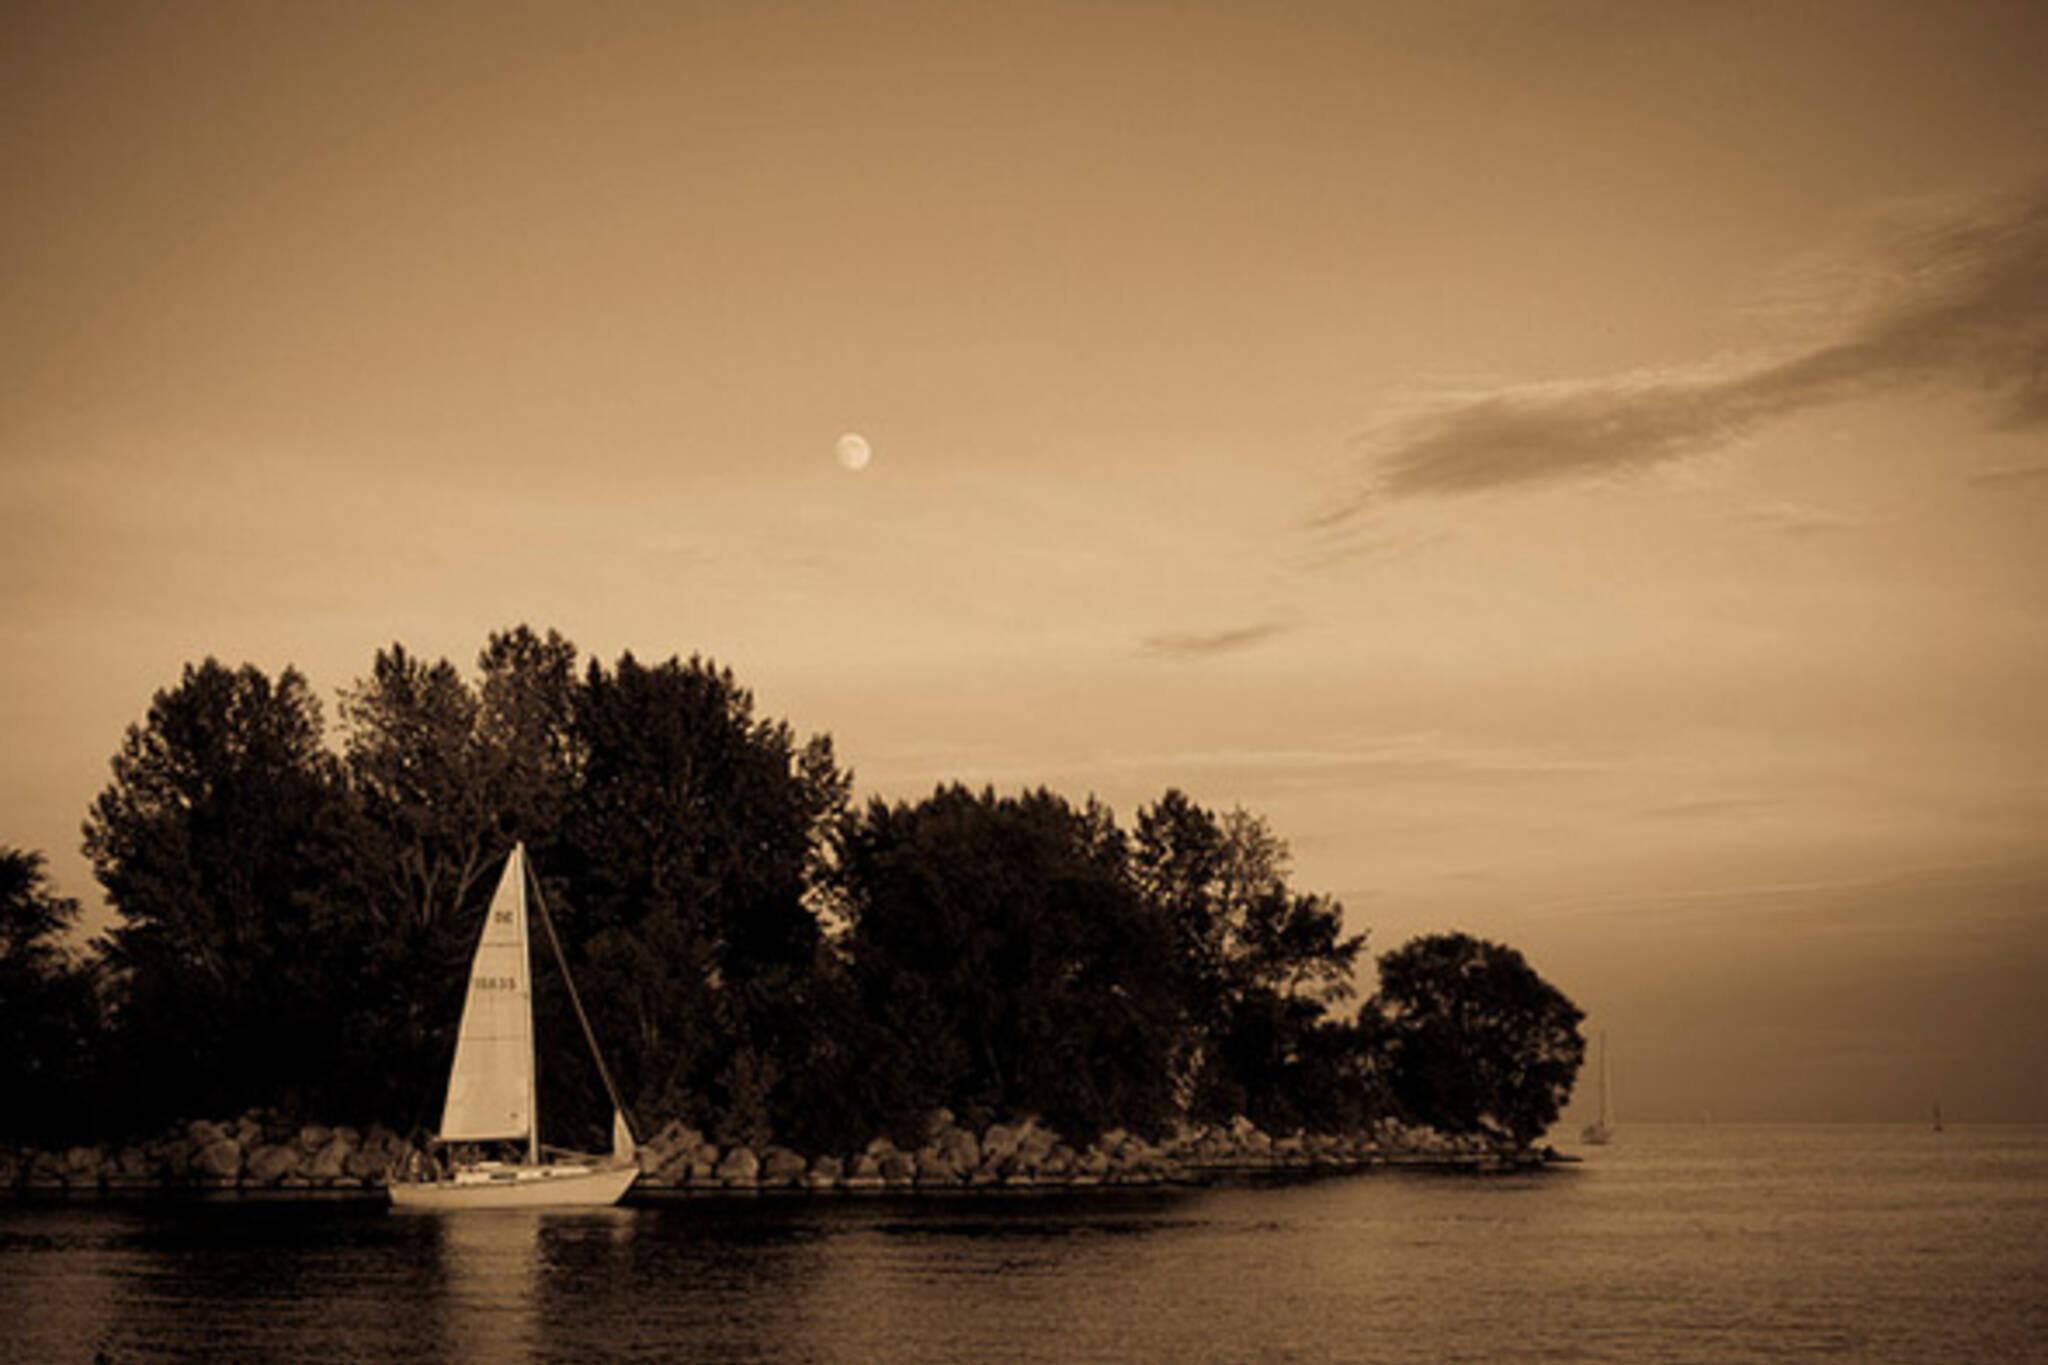 sail, boat, water